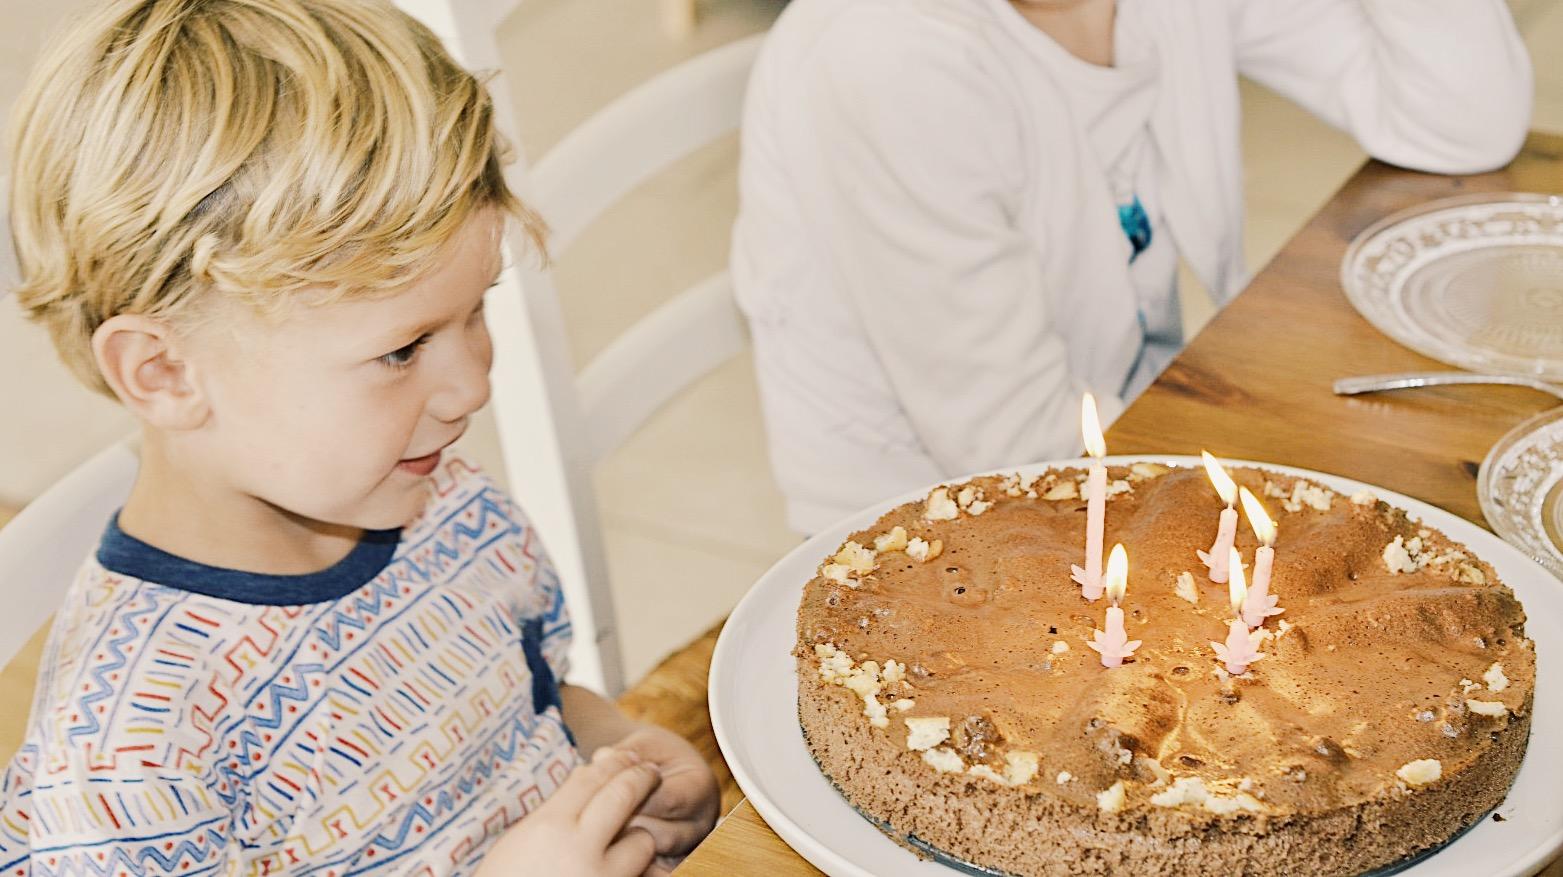 Idées cadeaux pour un enfant de 5 ans. En route vers l'autonomie !